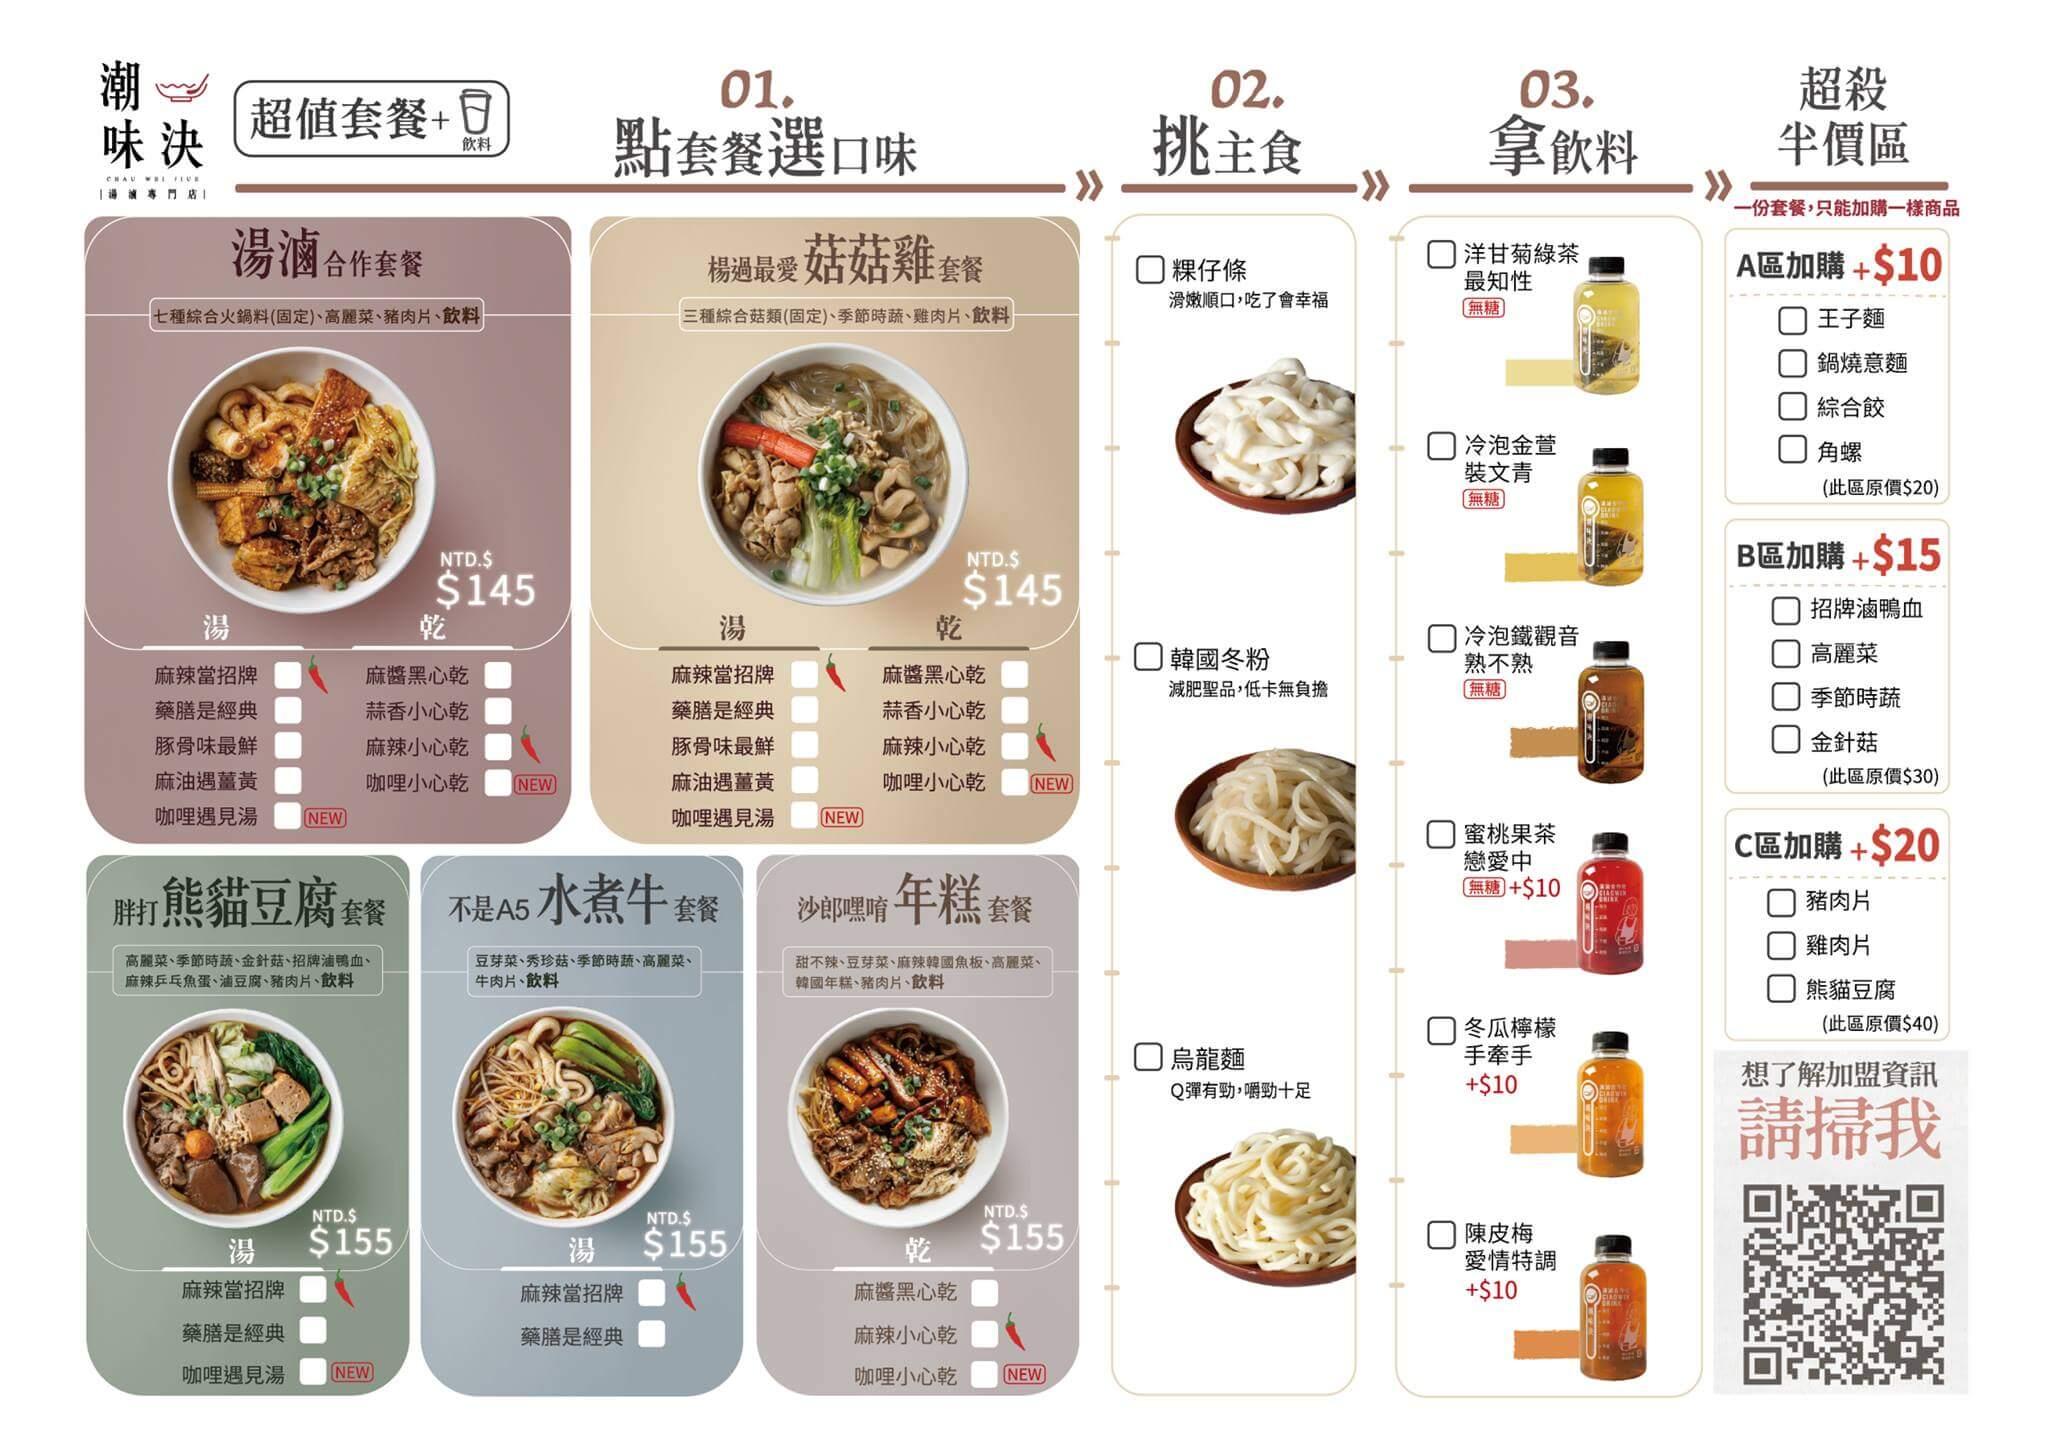 潮味決湯滷專賣店菜單MENU